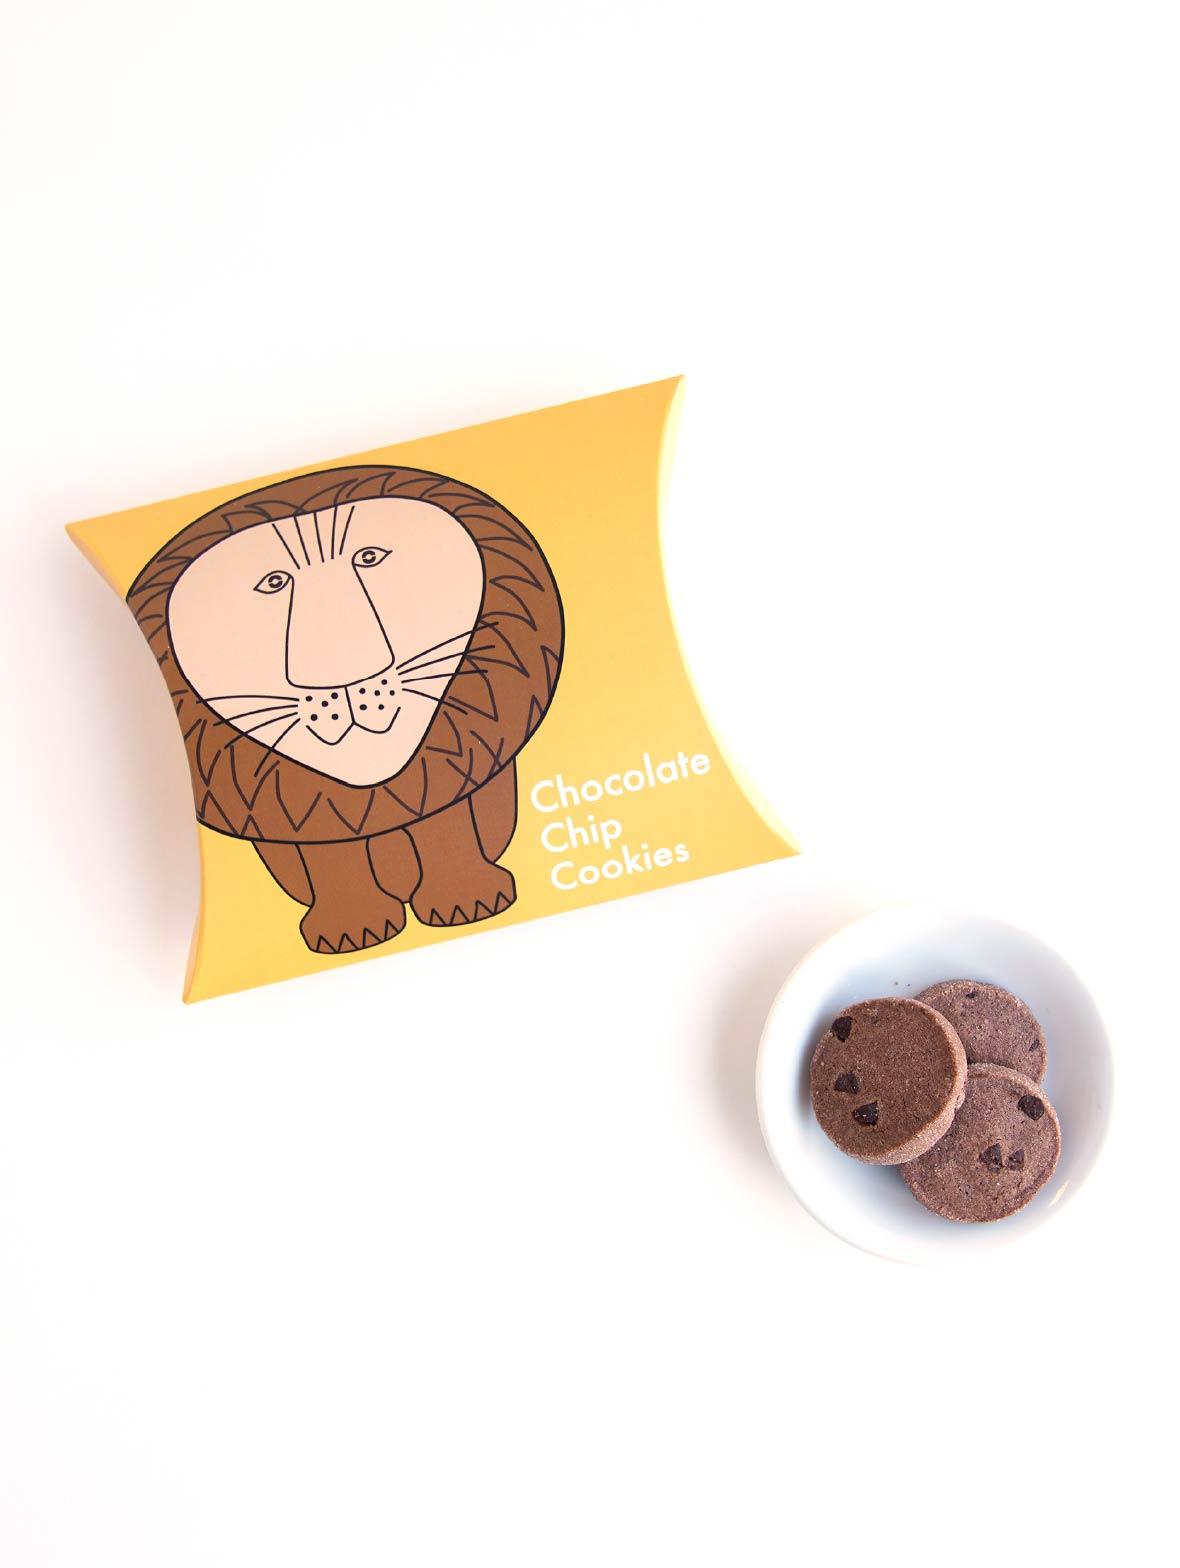 Fikaのためのクッキー(ライオンのチョコチップ)